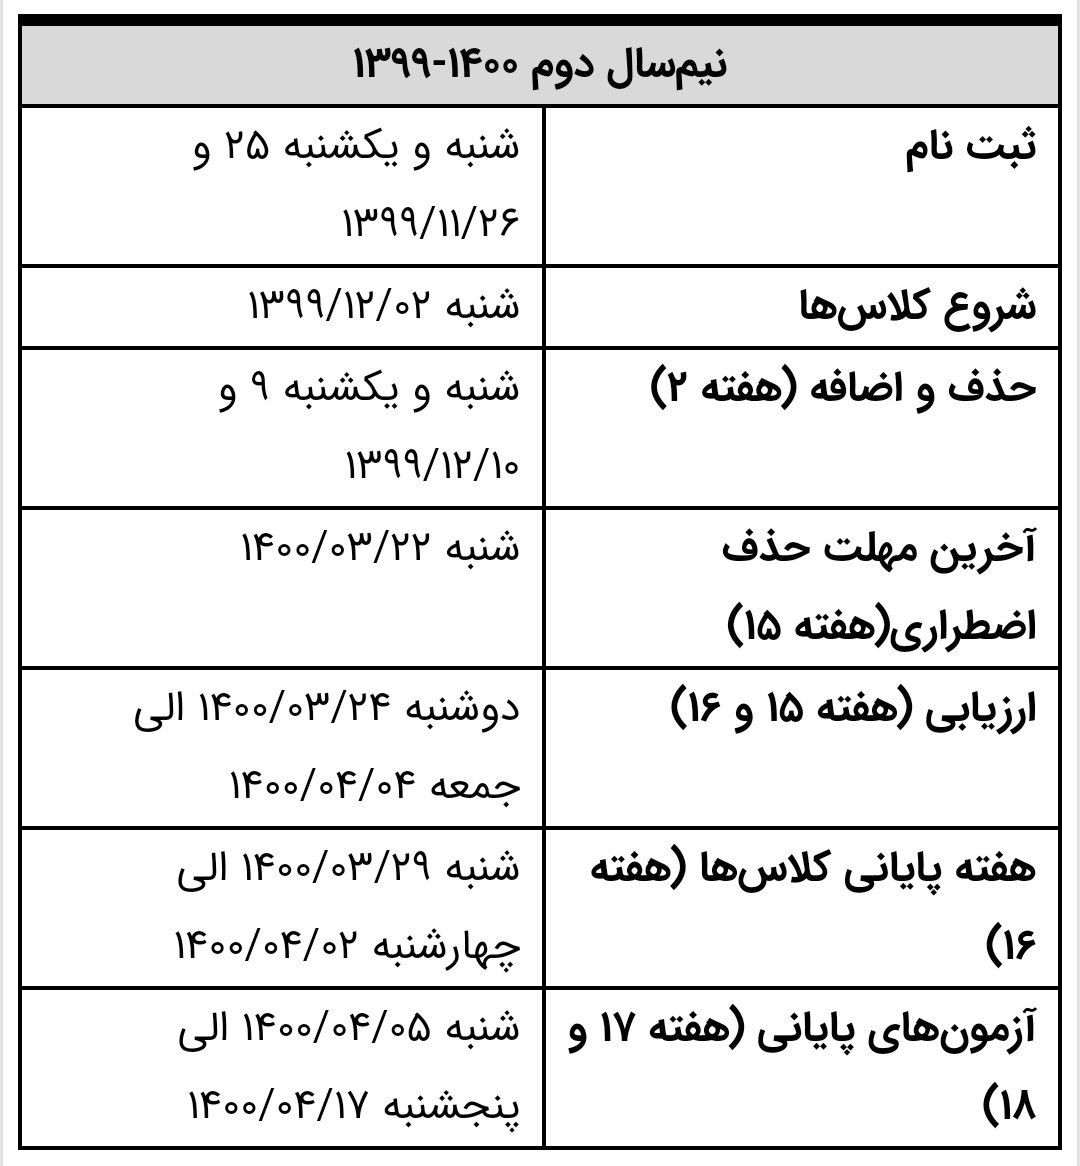 تقویم آموزشی نیم سال دوم تحصیلی ۱۴۰۰- ۱۳۹۹ دانشگاه امیرکبیر منتشر شد